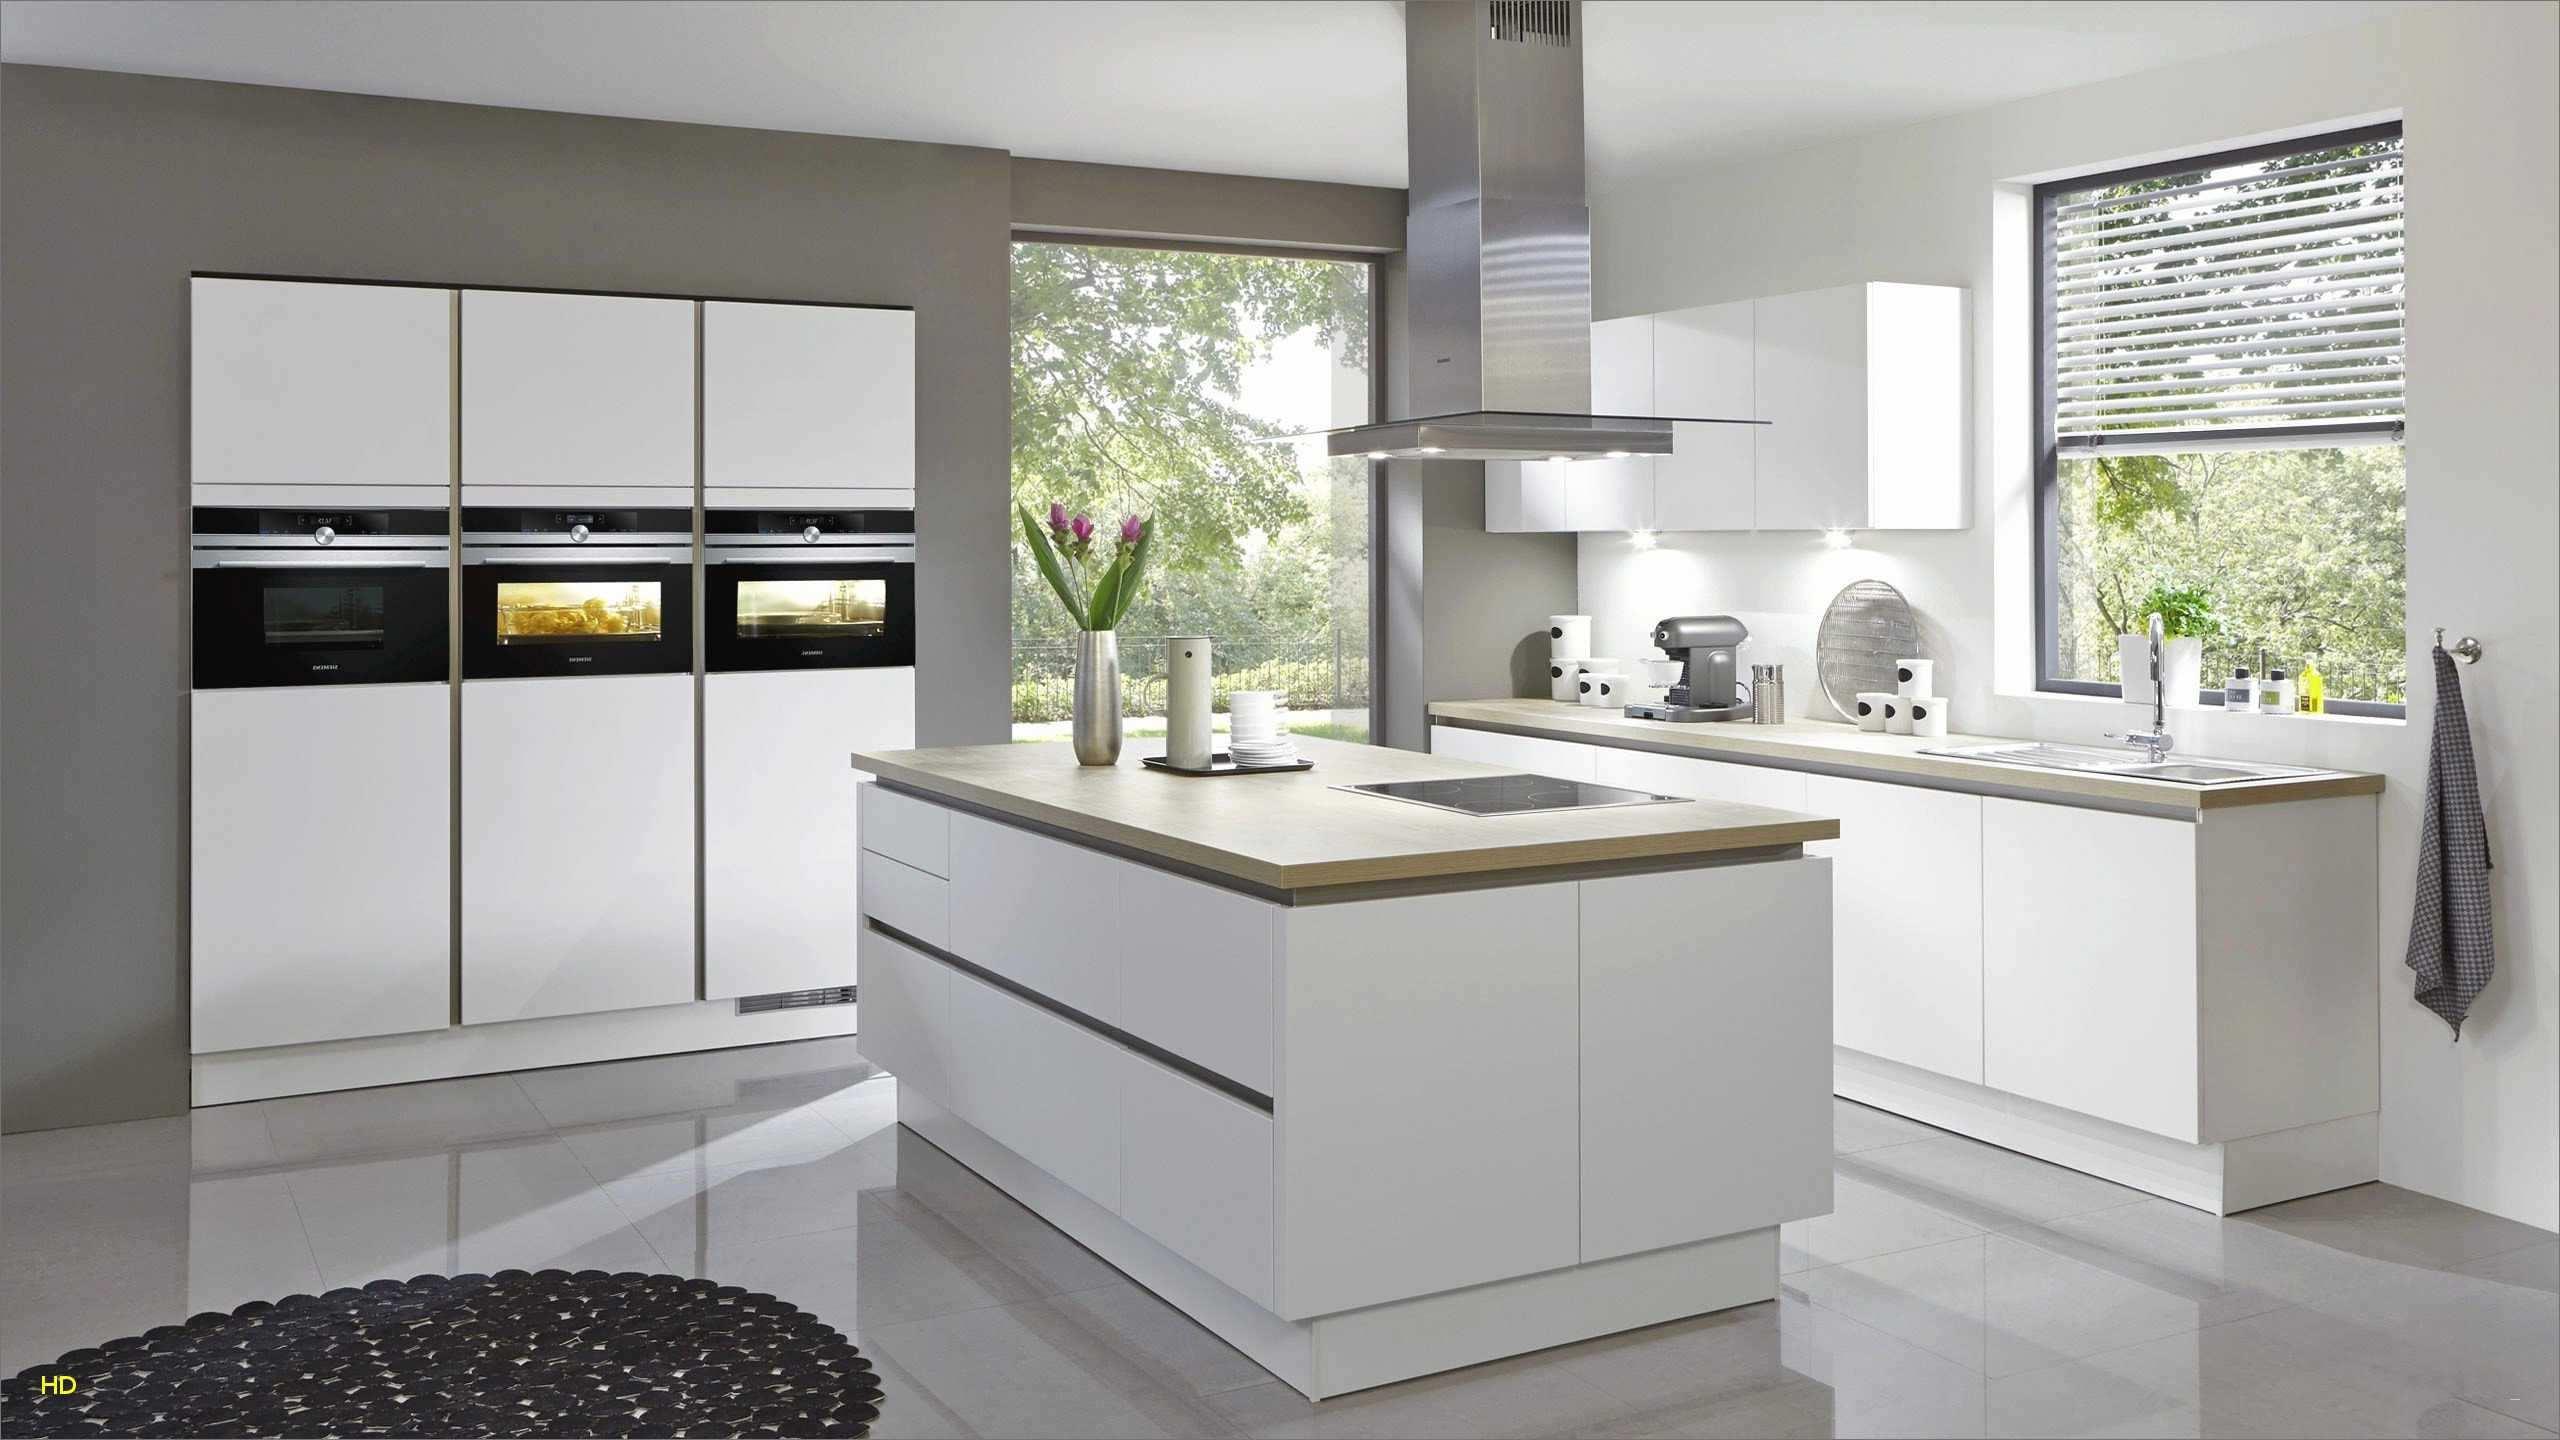 Full Size of Küchentapeten Kchen Tapeten Vlies Genial 50 Luxus Von Kche Ideen Wohnzimmer Küchentapeten